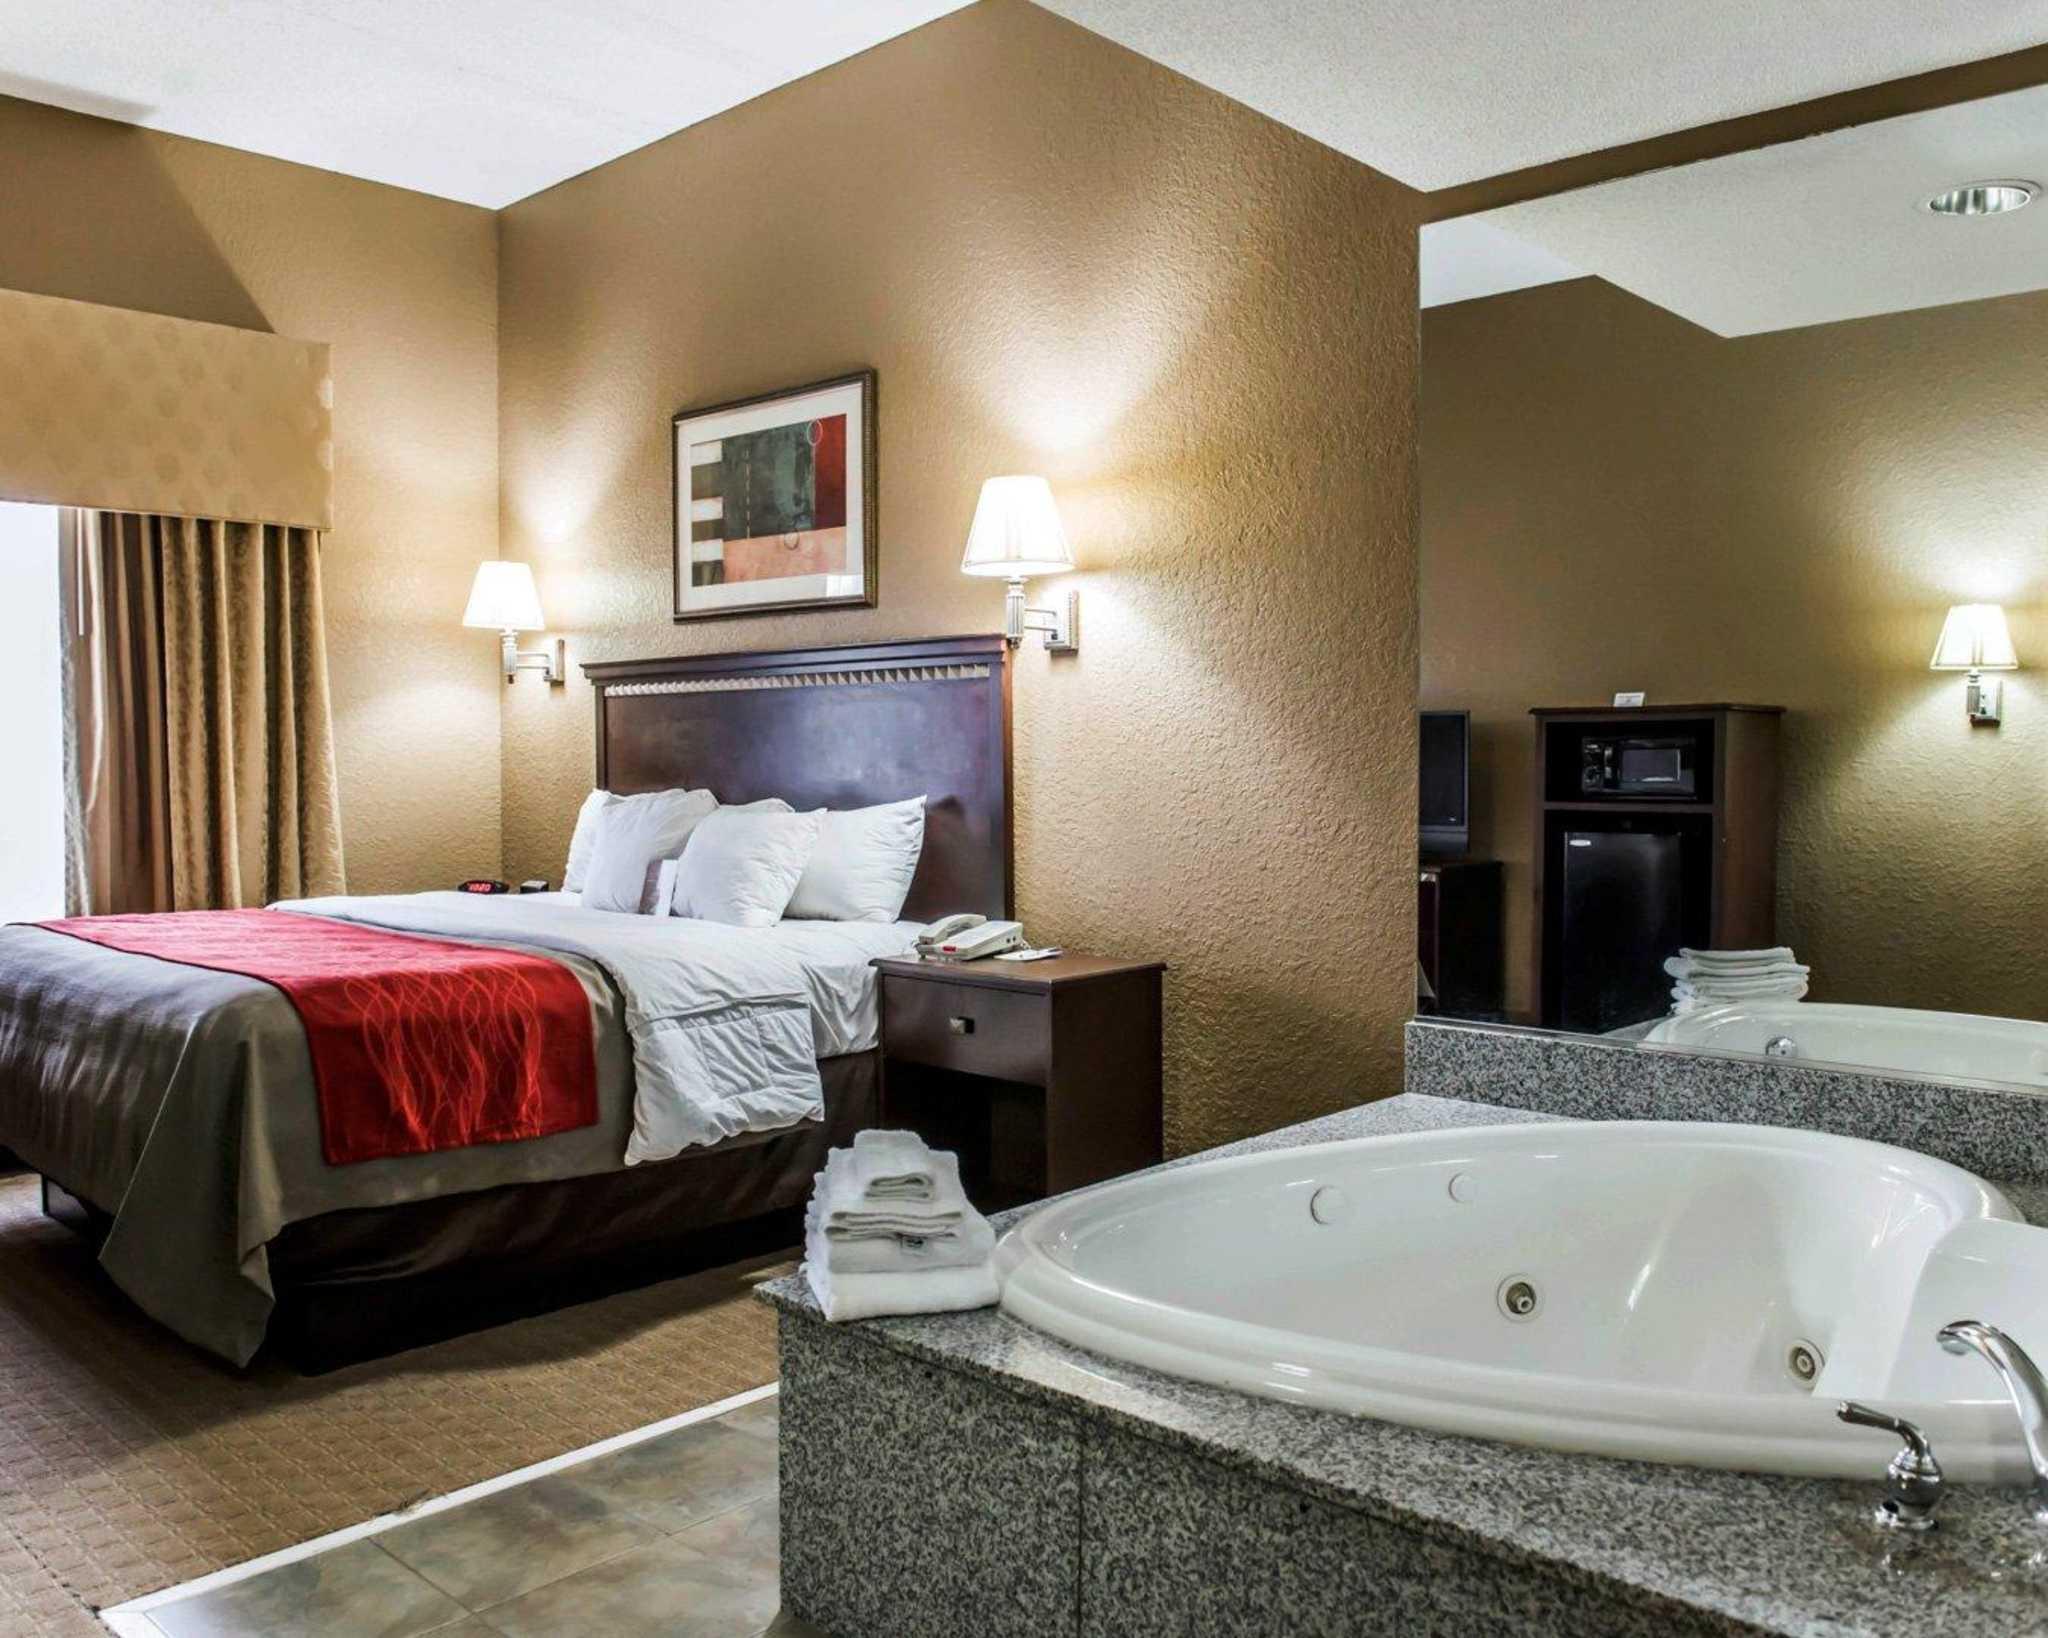 Comfort Inn & Suites Marianna I-10 image 4